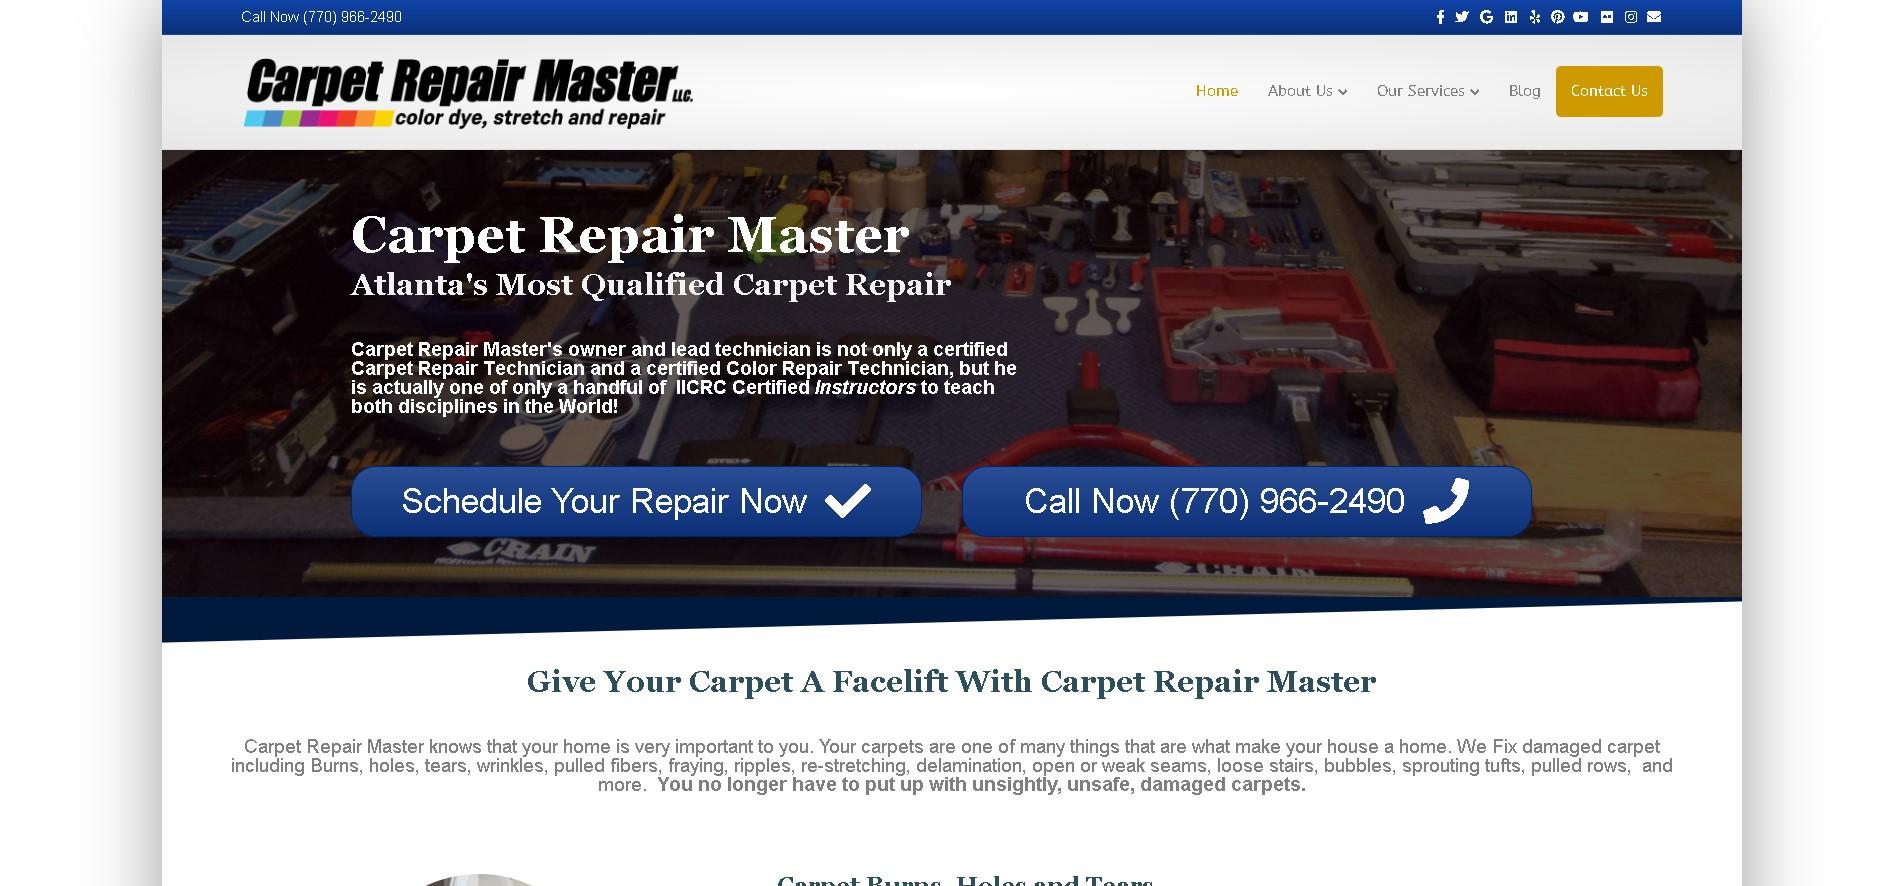 Carper Repair Master